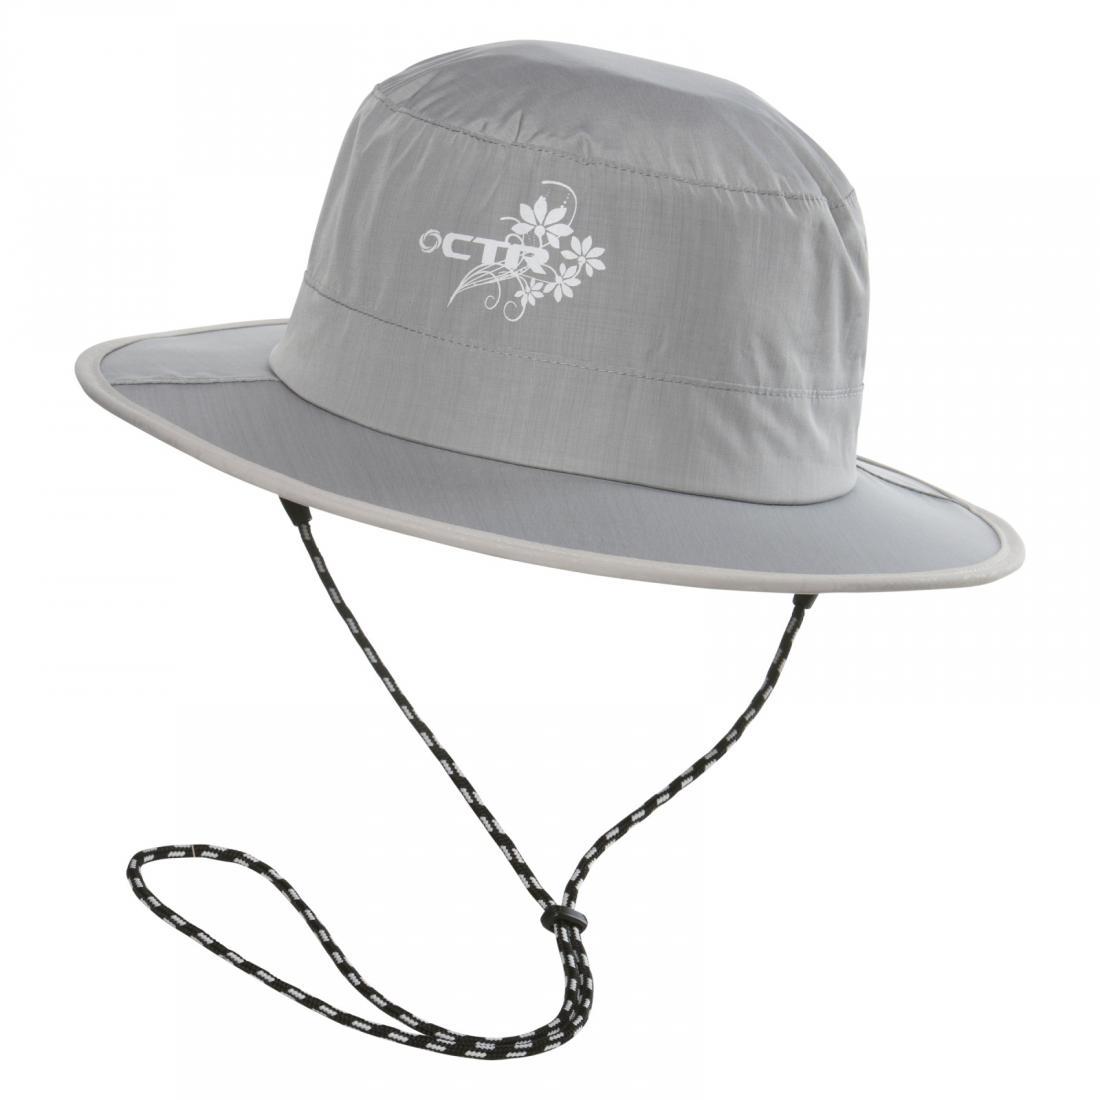 Панама Chaos  Stratus Bucket Hat (женс)Панамы<br><br> Женская панама Chaos Stratus Bucket Hat привлекает внимание сочными оттенками и небольшим элегантным принтом. Она станет верной спутницей в путешествиях и незаменимой помощницей в любую погоду. Эта модель одинаково хорошо защищает от ярких солнечны...<br><br>Цвет: Серый<br>Размер: S-M